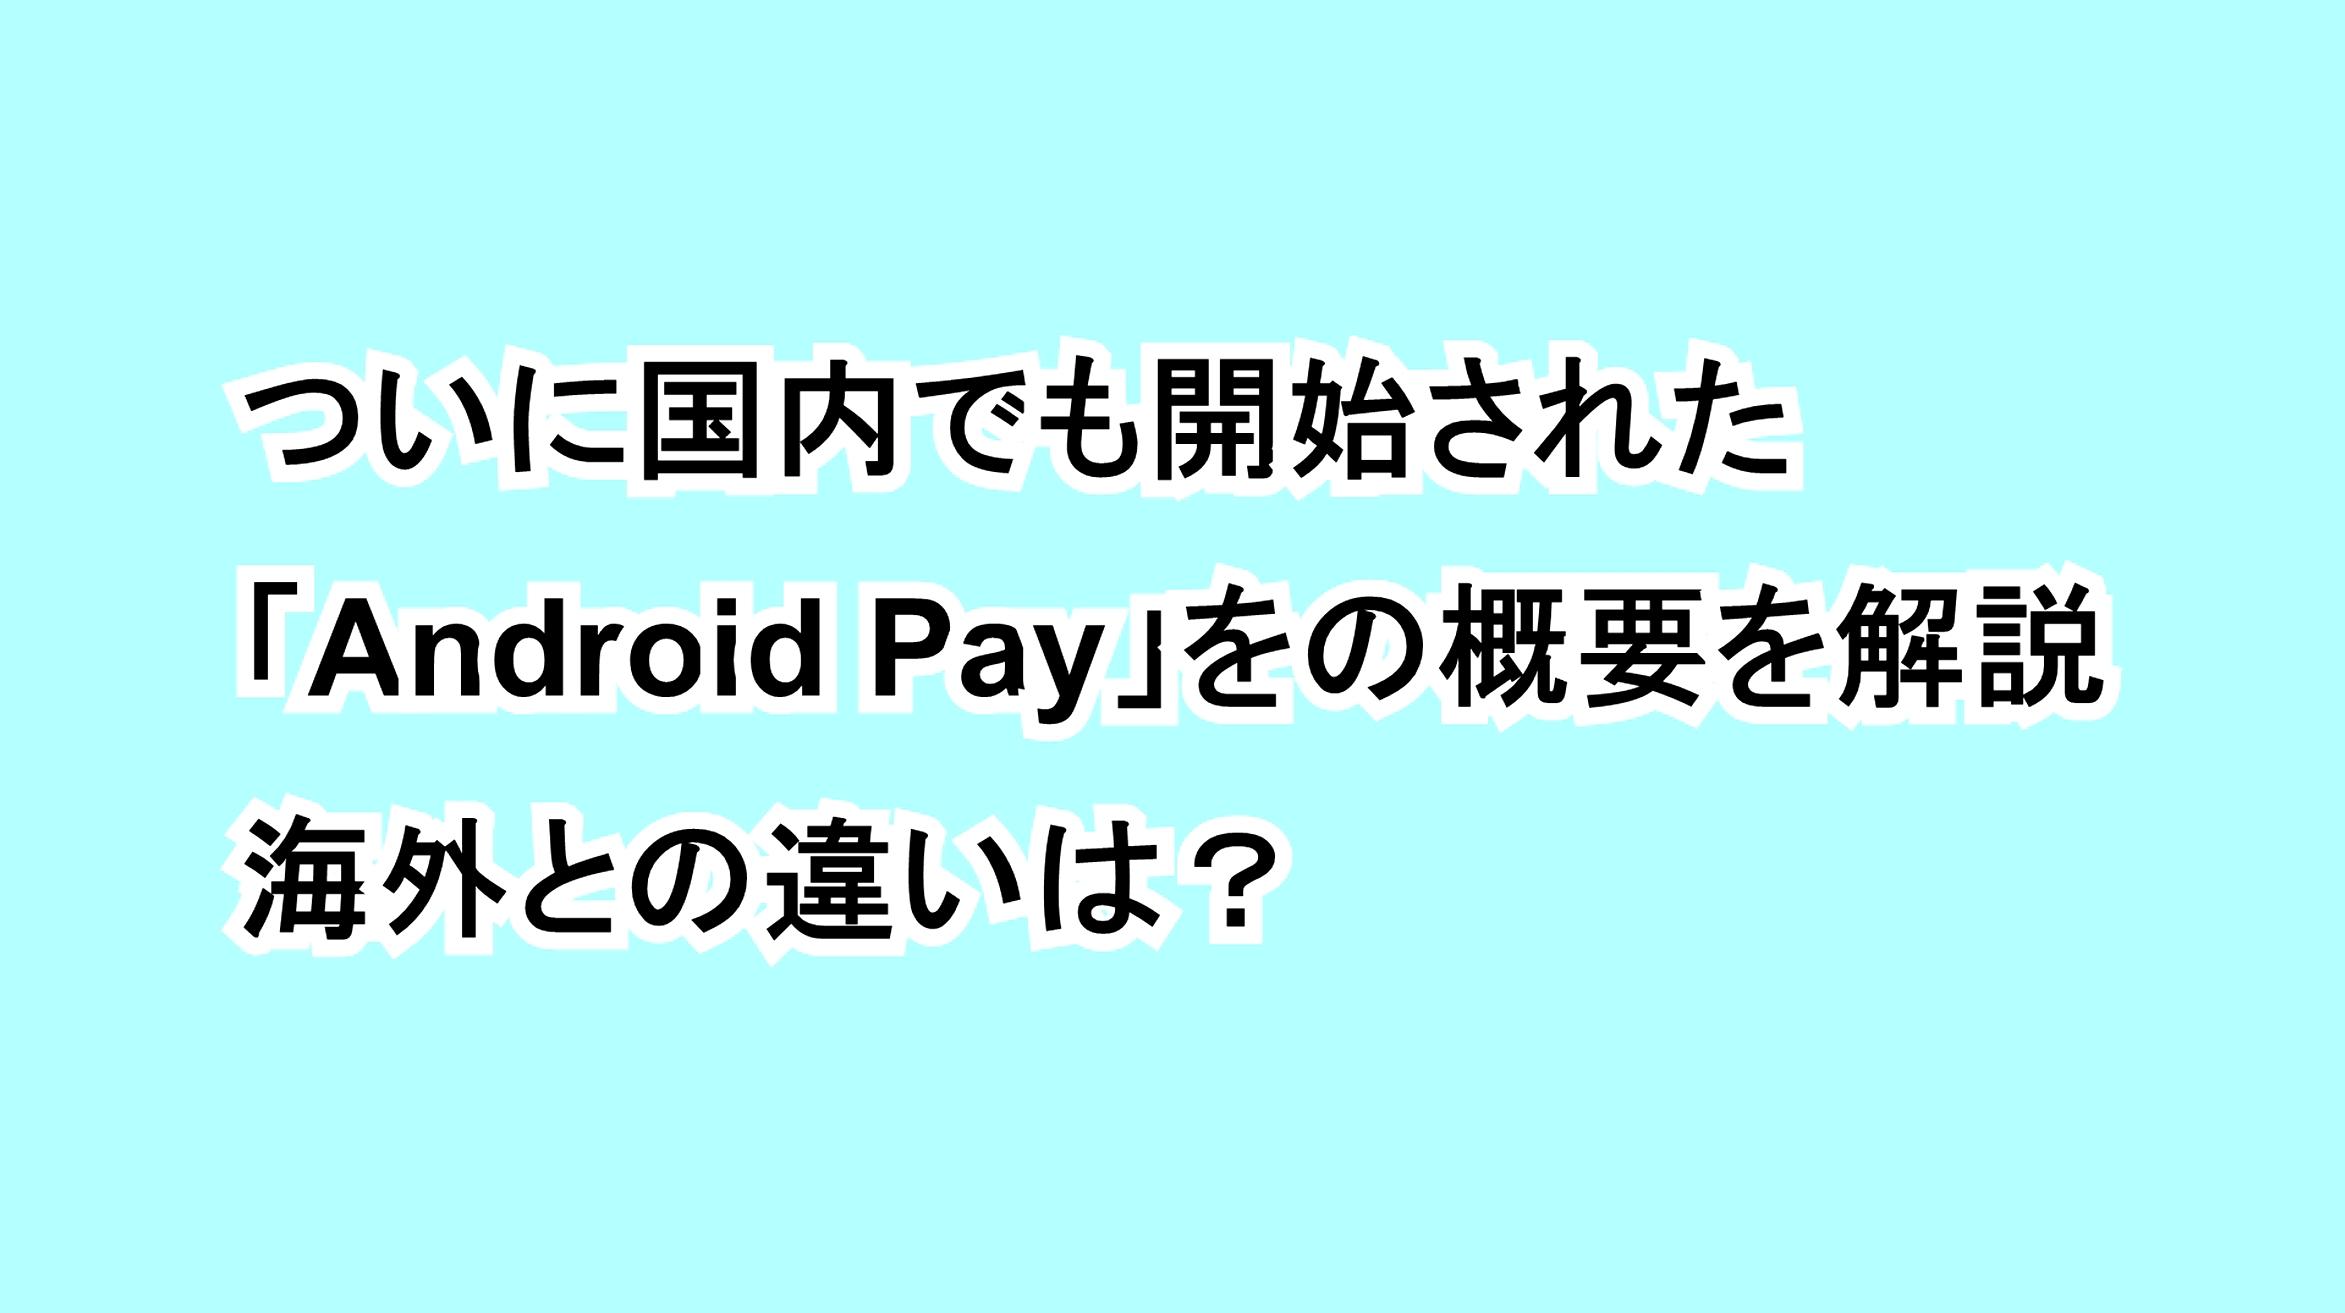 ついに国内でも開始された「Android Pay」の概要を解説、海外との違いは?